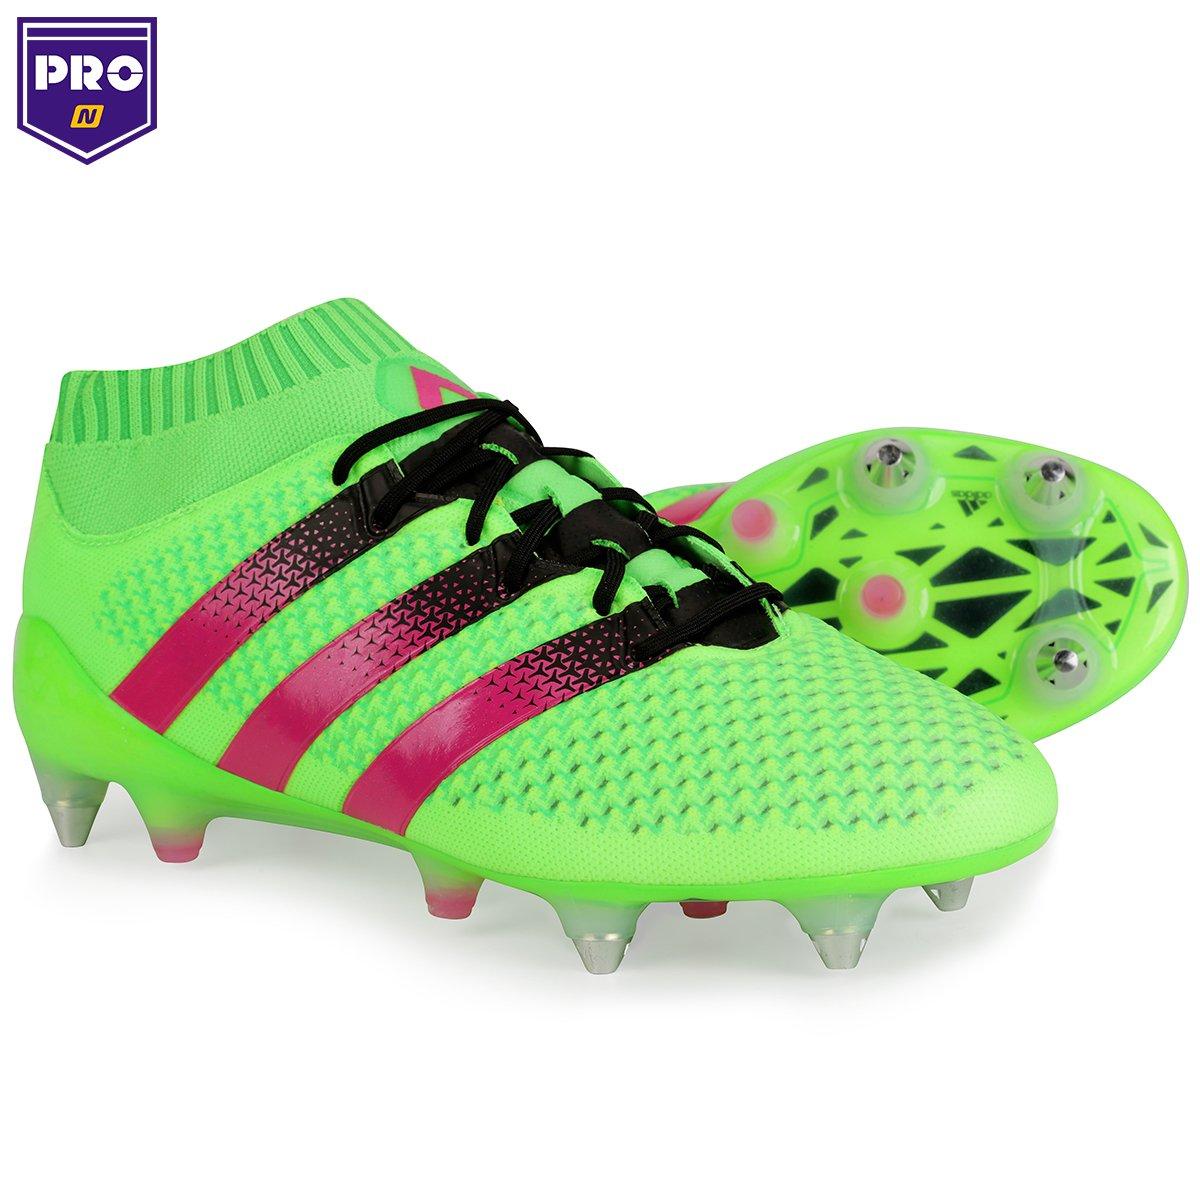 Chuteira Adidas Ace 16.0 Primeknit SG Campo - Compre Agora  c8c5e4f7acc28